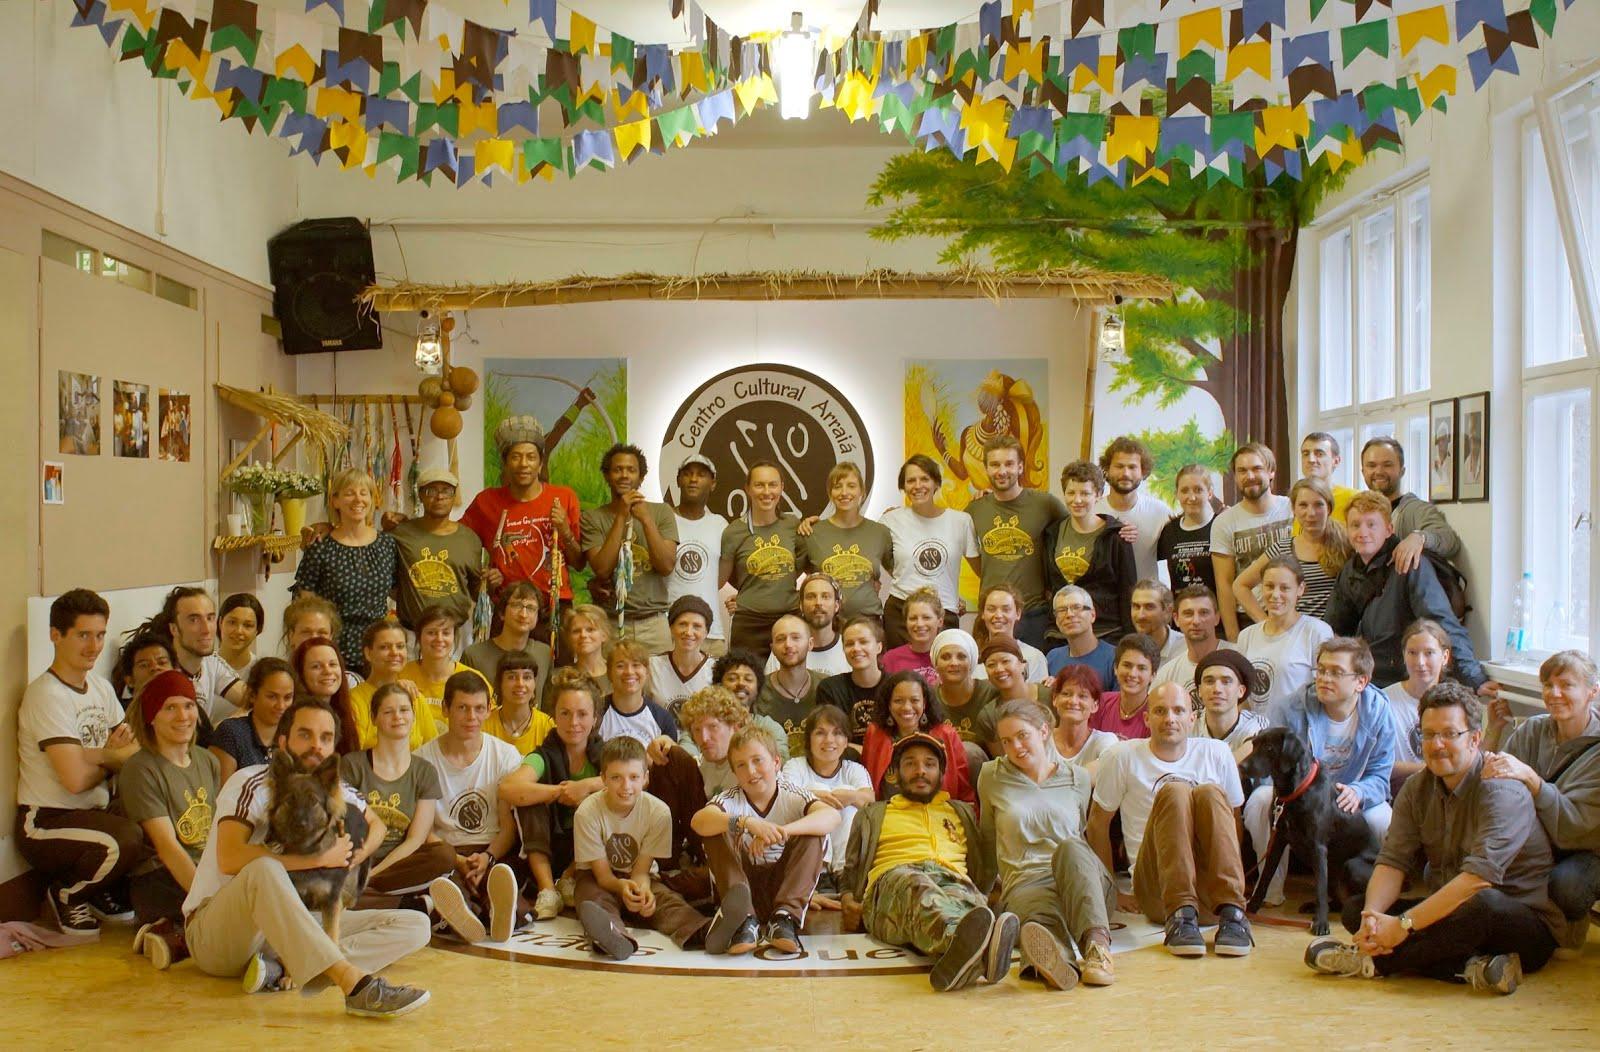 V. Aniversário und Einweihung des Centro Cultural Arraiá Juni 2015